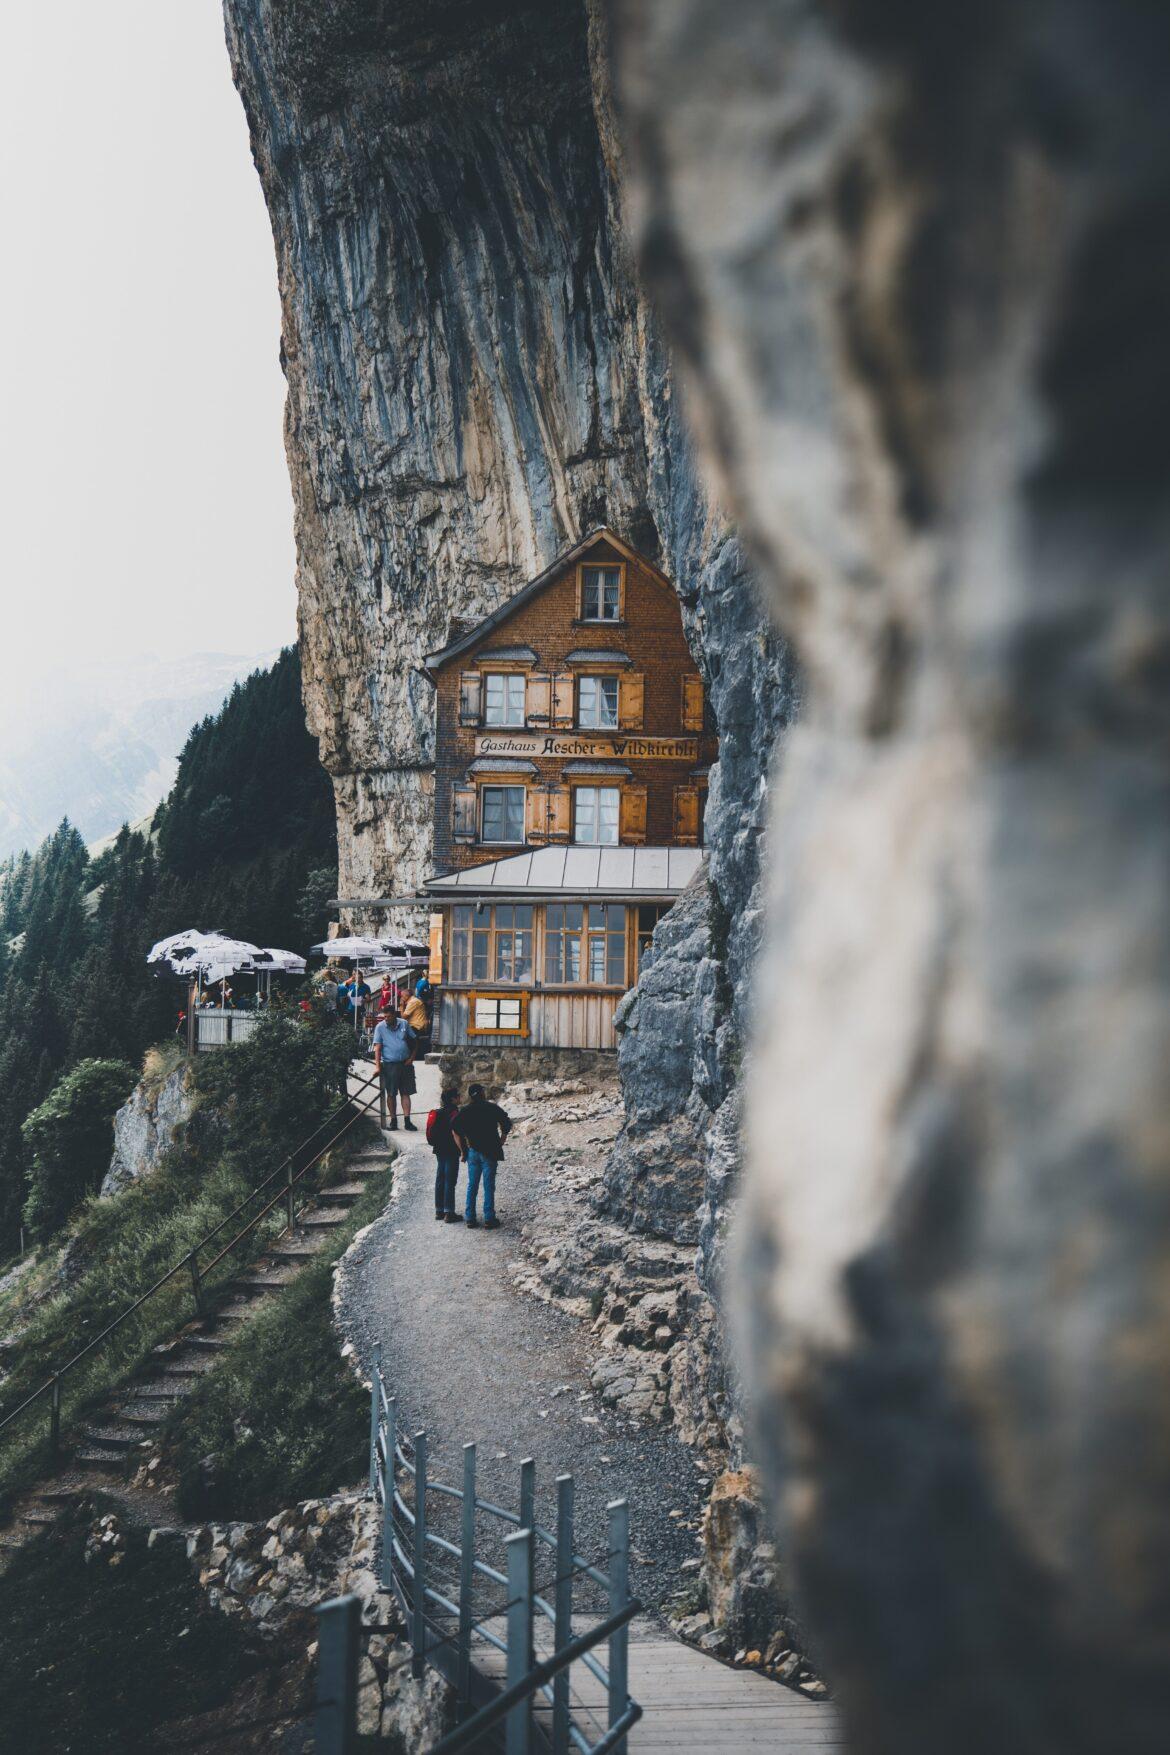 Nicht nur Schweizerdeutsch, auch die Schweiz ist schön.